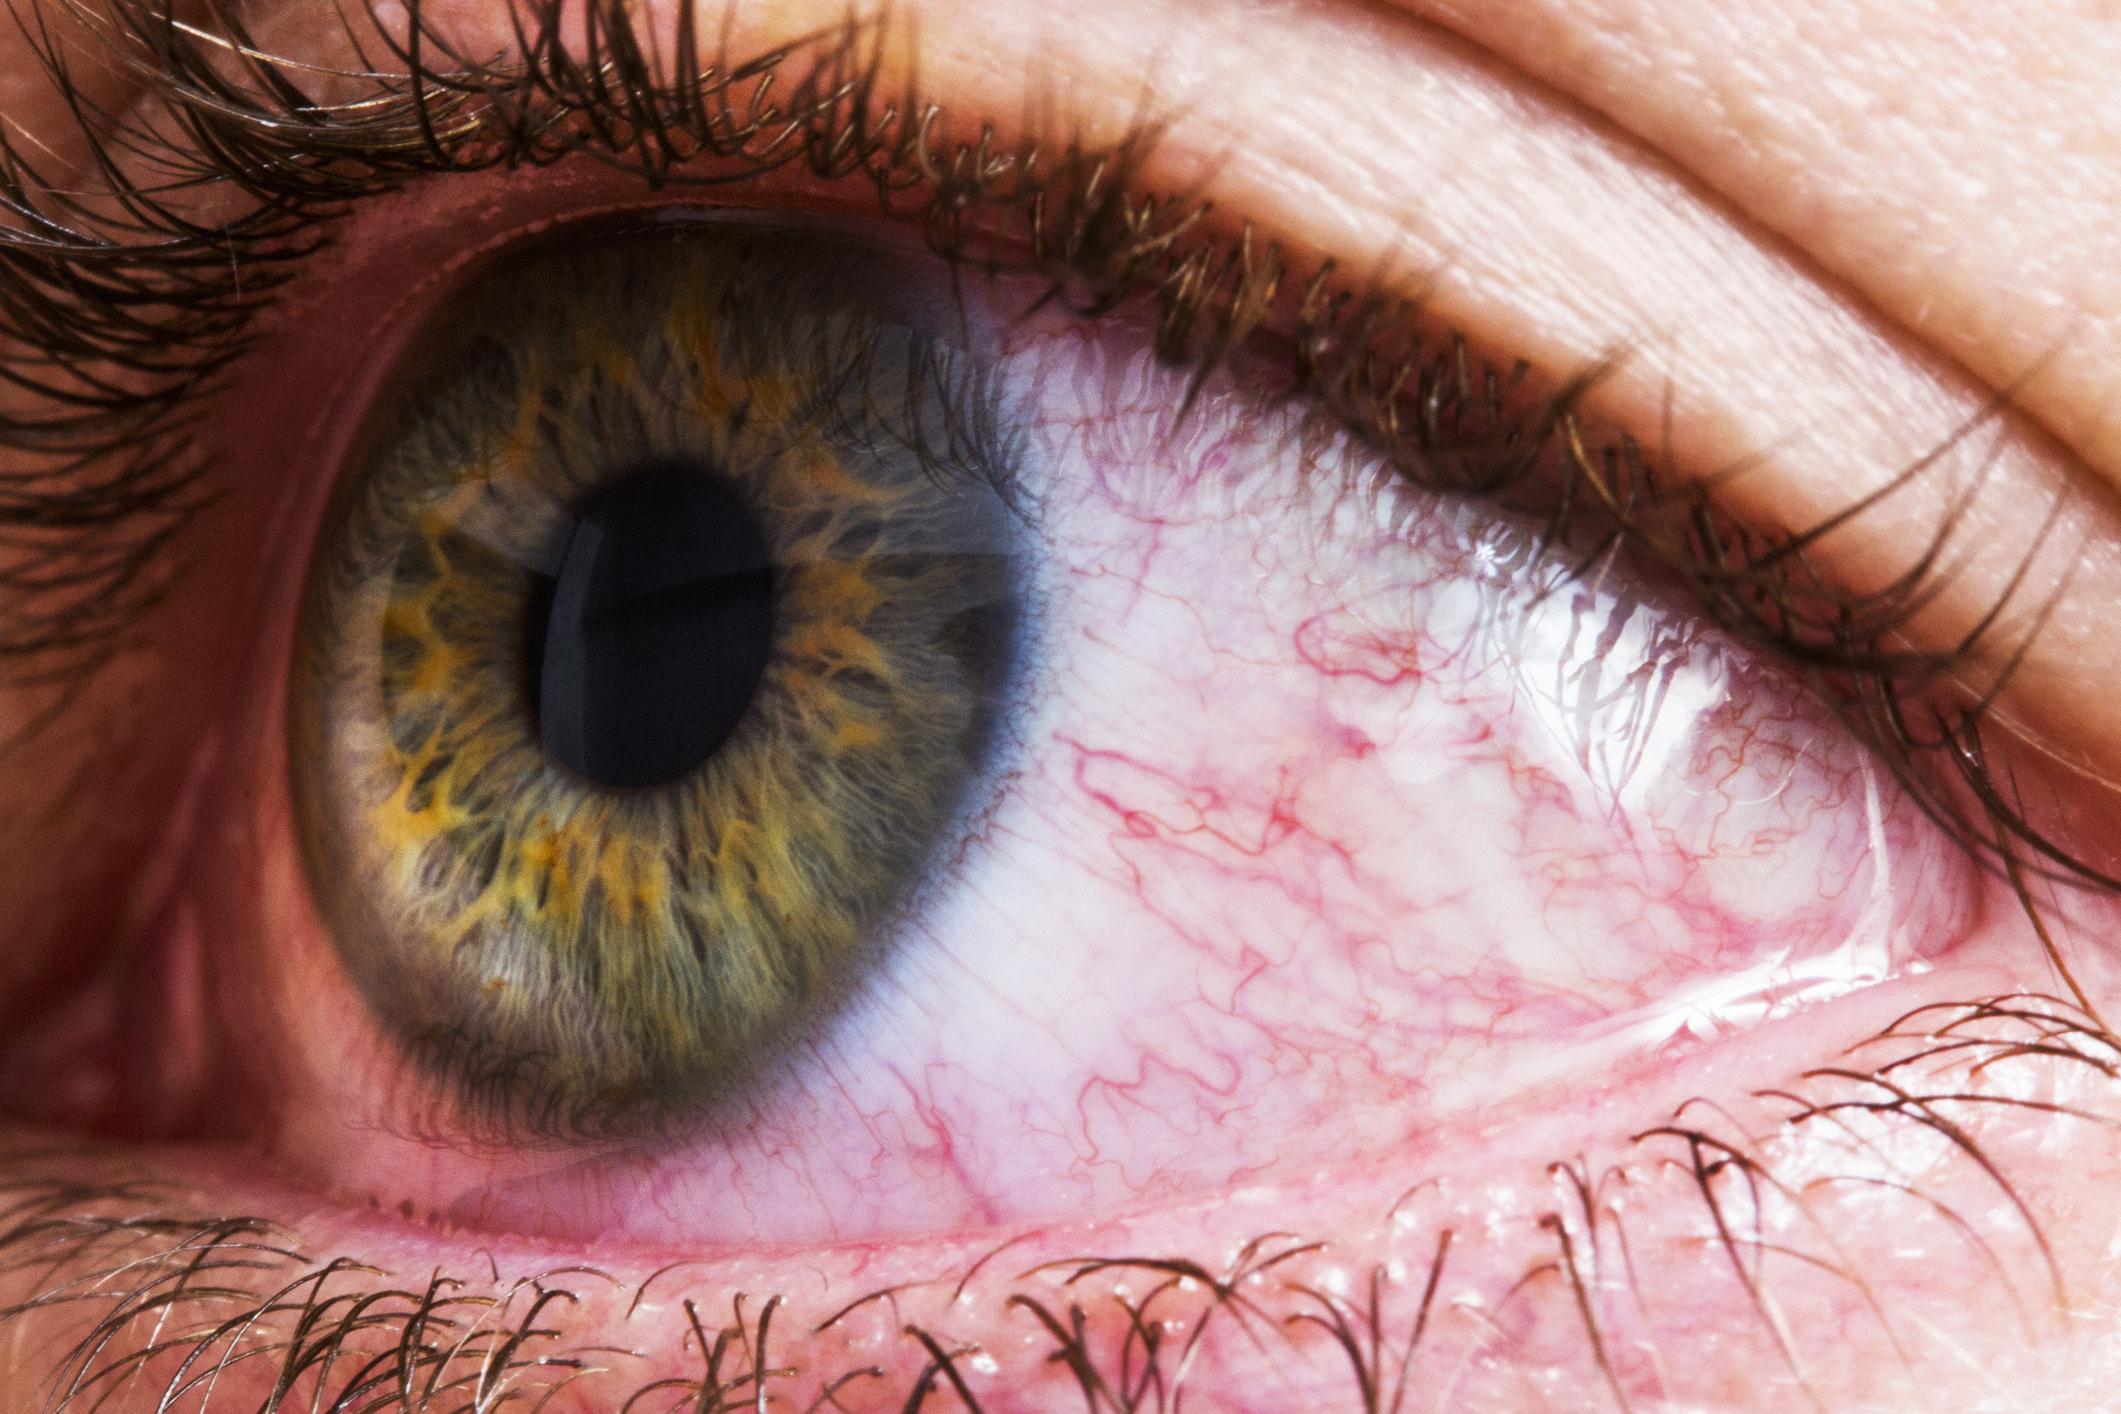 дальнейшем пульсирует картинка в глазах только помощью